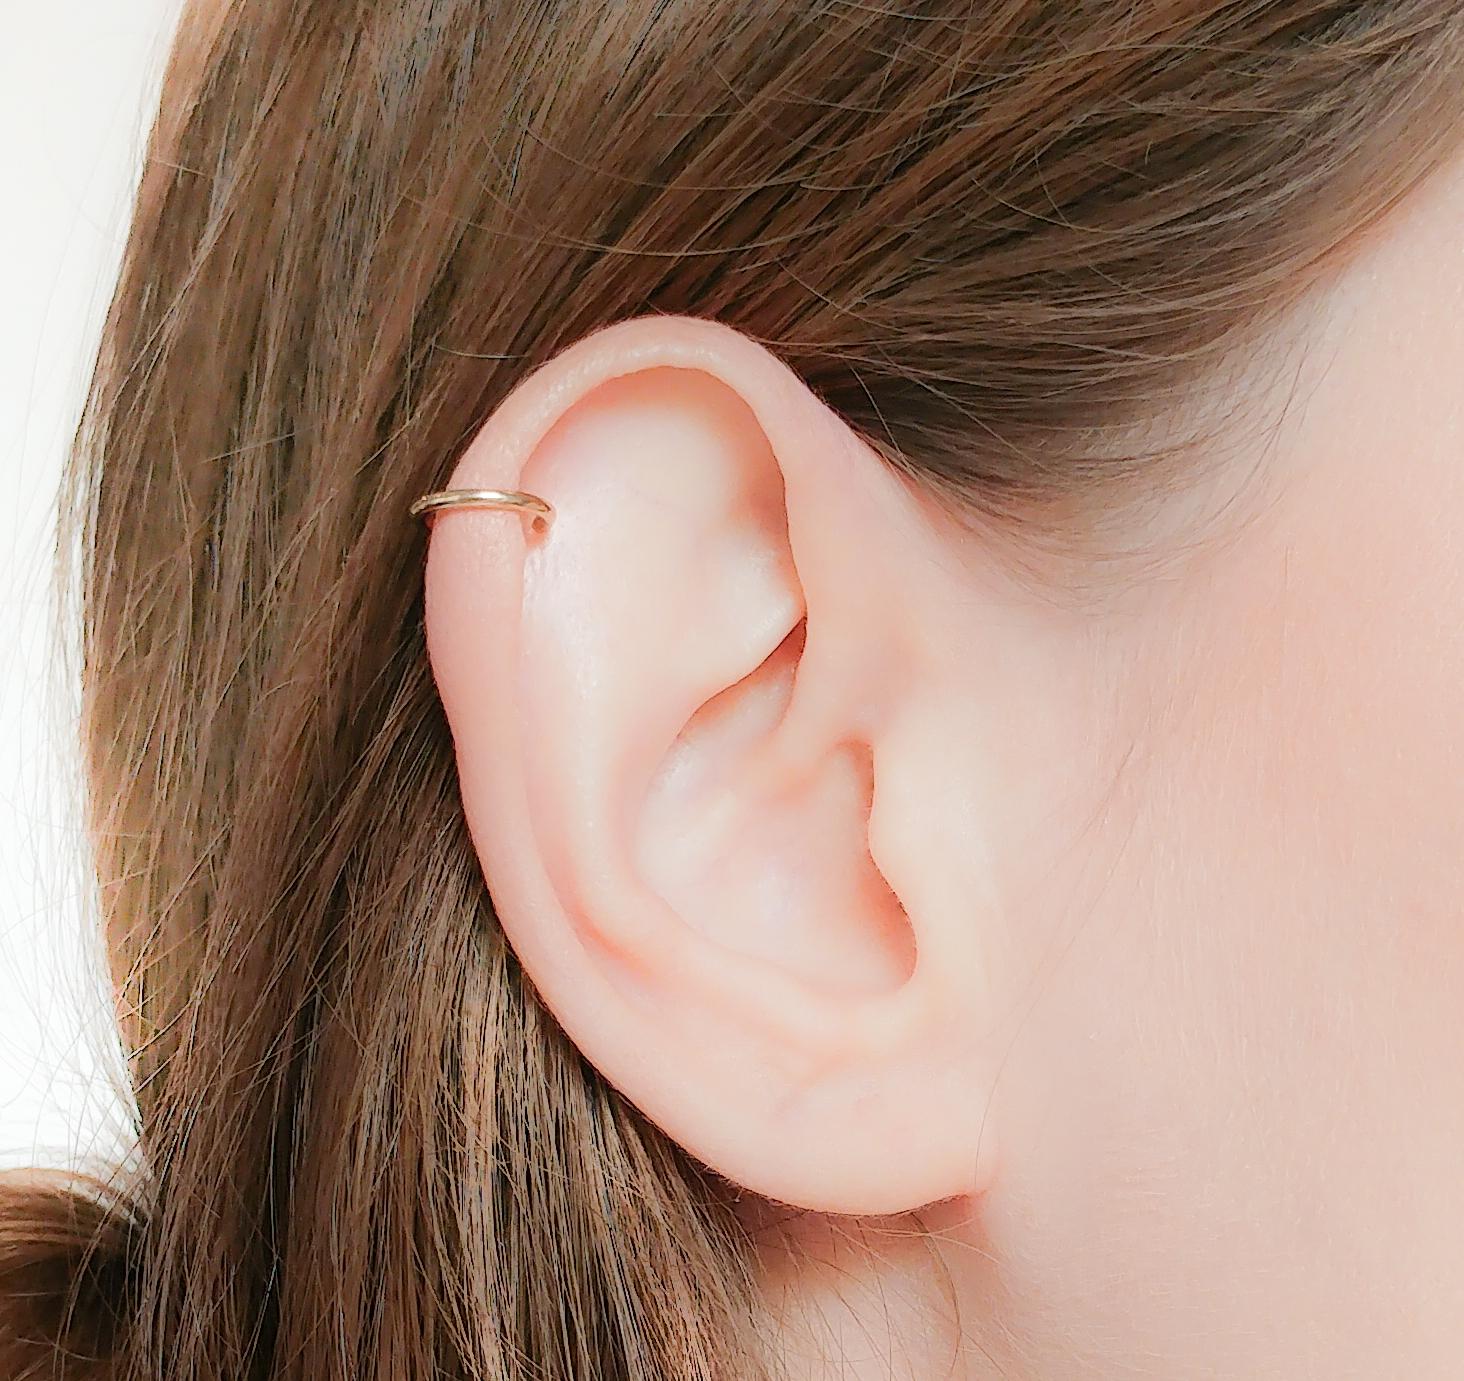 Helix Earring 16g 16 Gauge